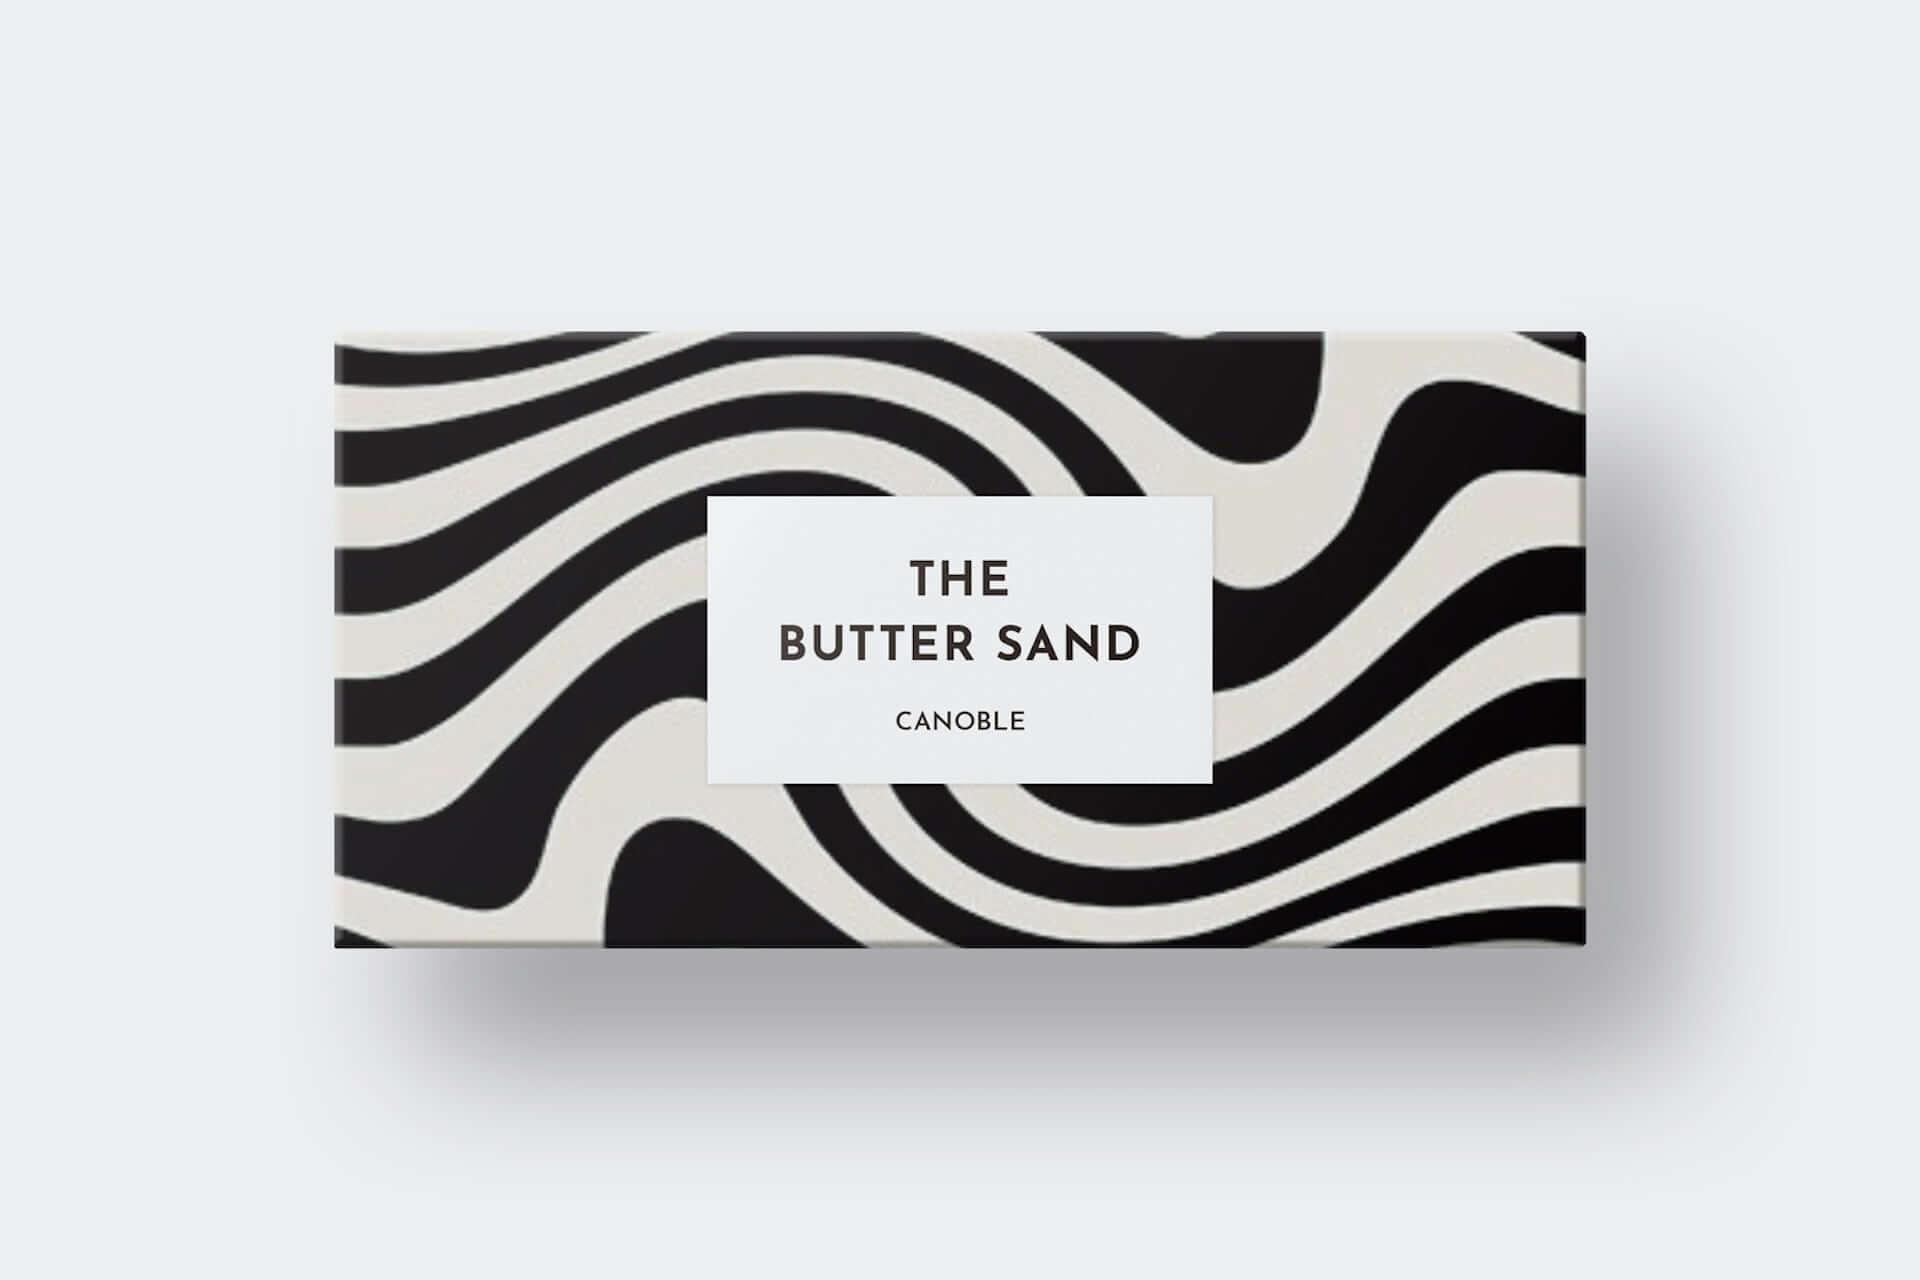 """新感覚の""""食べるバター""""を味わおう!バター原理主義者のためのバターサンド『CANOBLE THE BUTTER SAND』がCANOBLEより発売決定 gourmet200728_canoble-thebuttersand_7-1920x1280"""